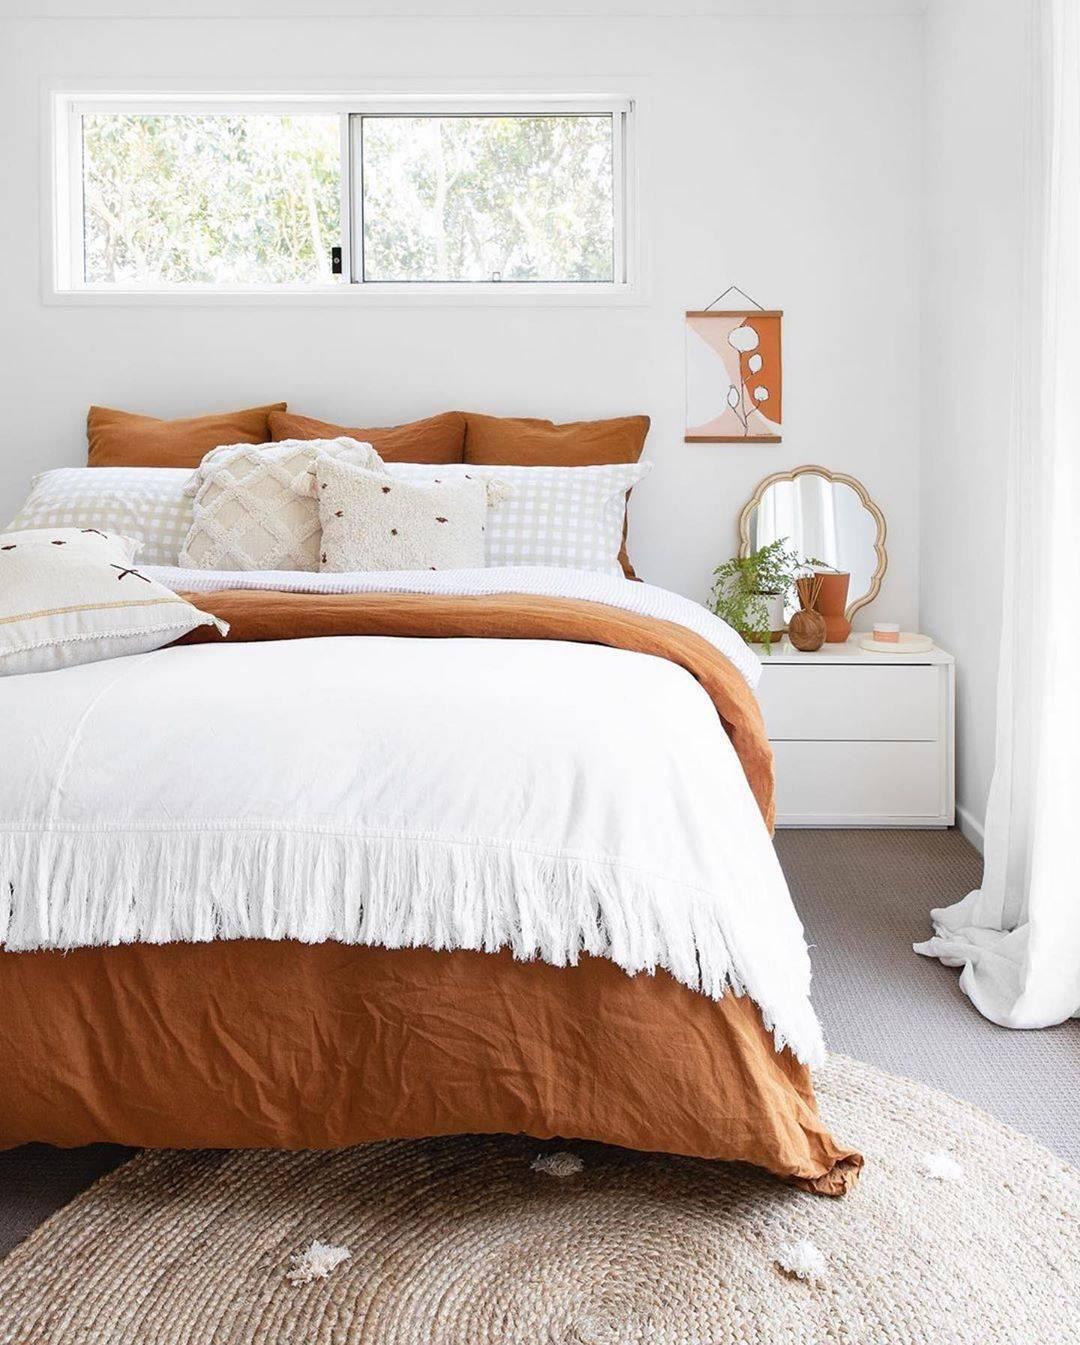 Комбинированные обои в спальне: дизайн, 70 фото с примерами комбинированной отделки стен